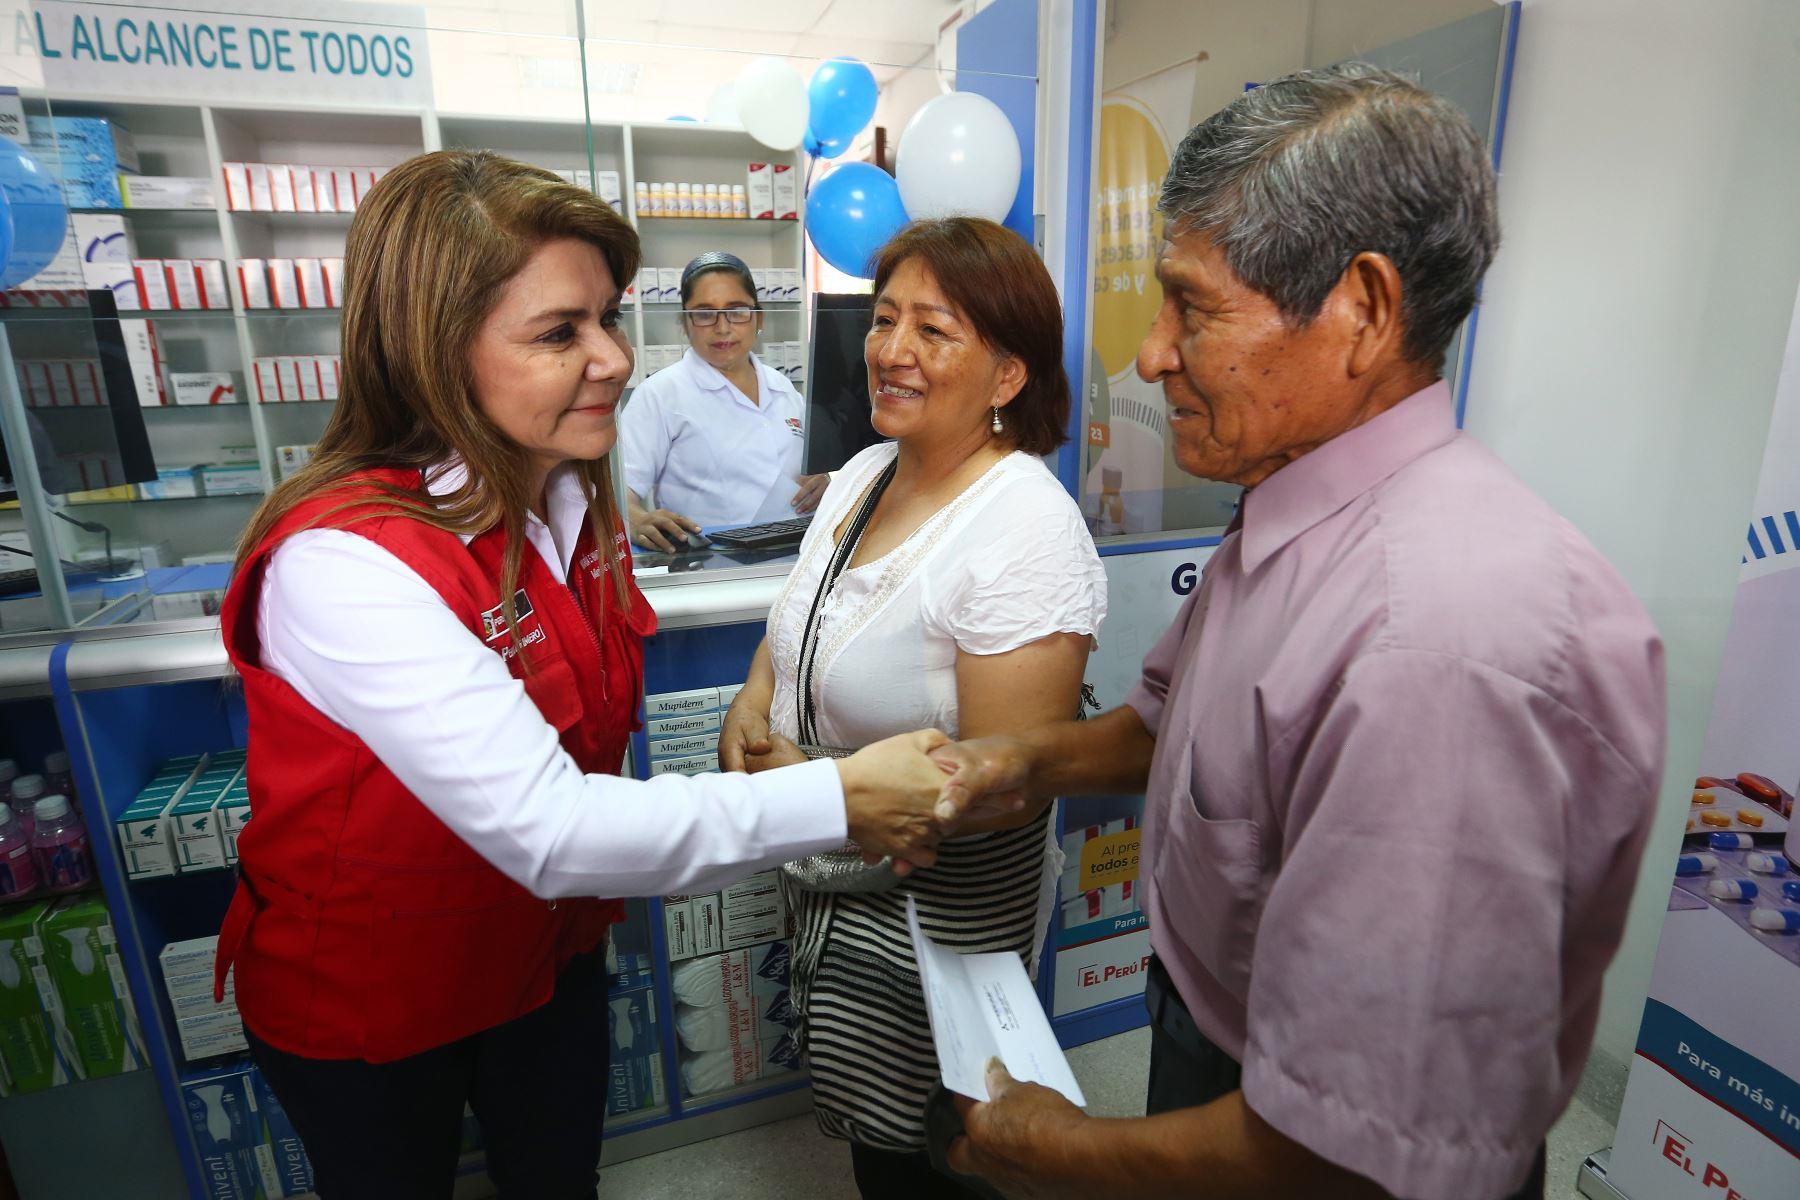 La ministra de Salud Elizabeth Hinostroza, saluda al primer paciente que acude a Farmadiris, la farmacia en El Agustino que venderá solo medicamentos genéricos. ANDINA/Héctor Vinces